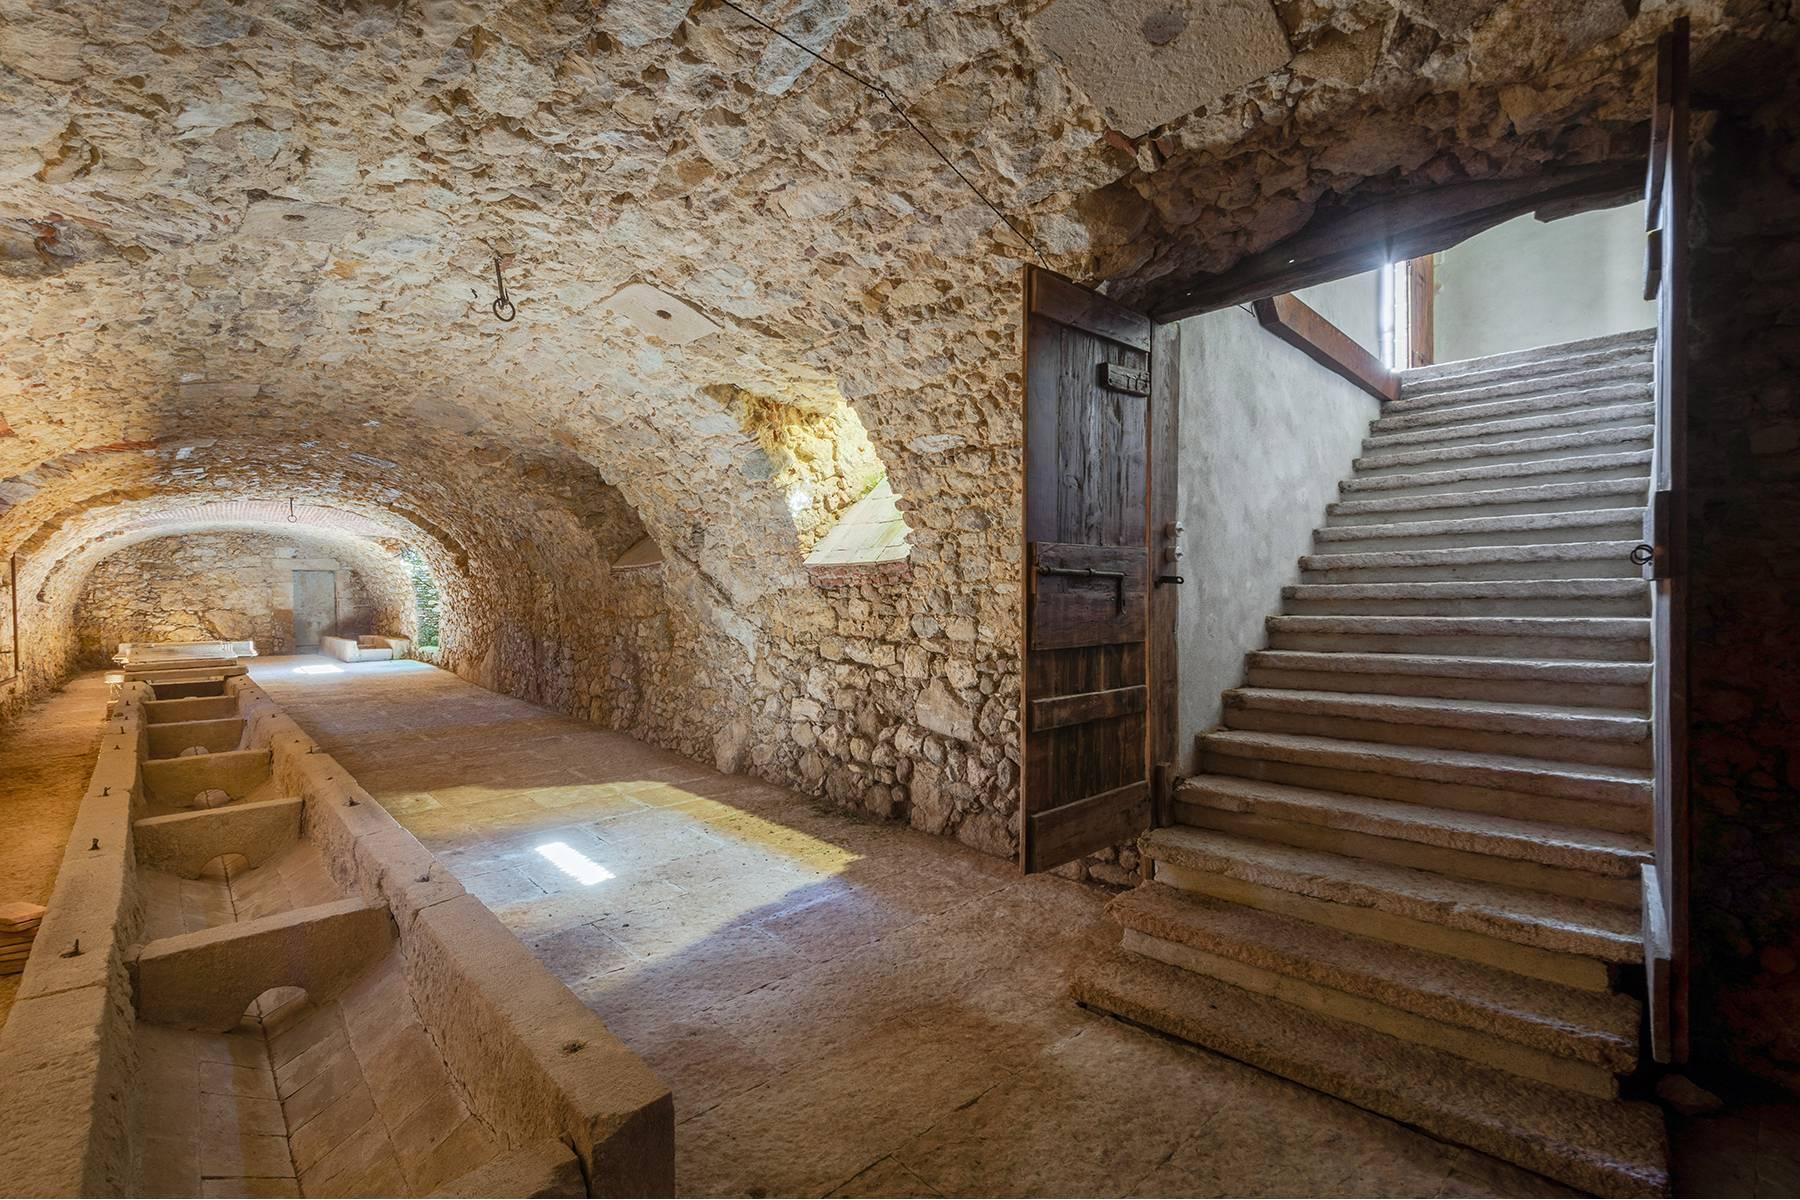 Historische Villa mit Park und prächtigem alten Keller, umgeben von Weinbergen - 24